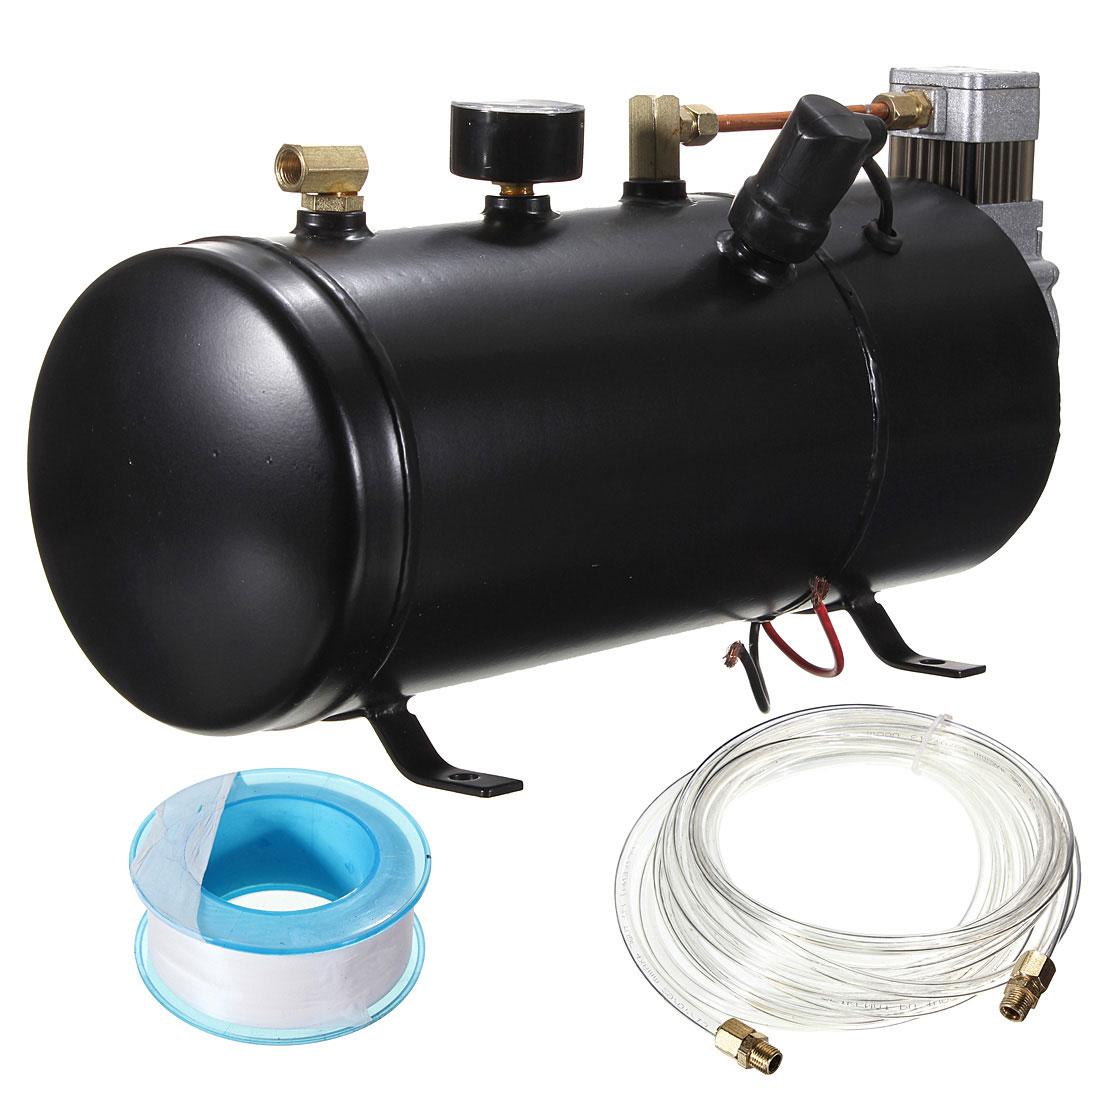 110 psi 12 volt heavy duty compact air compressor tank - Compresseur 12 volts ...